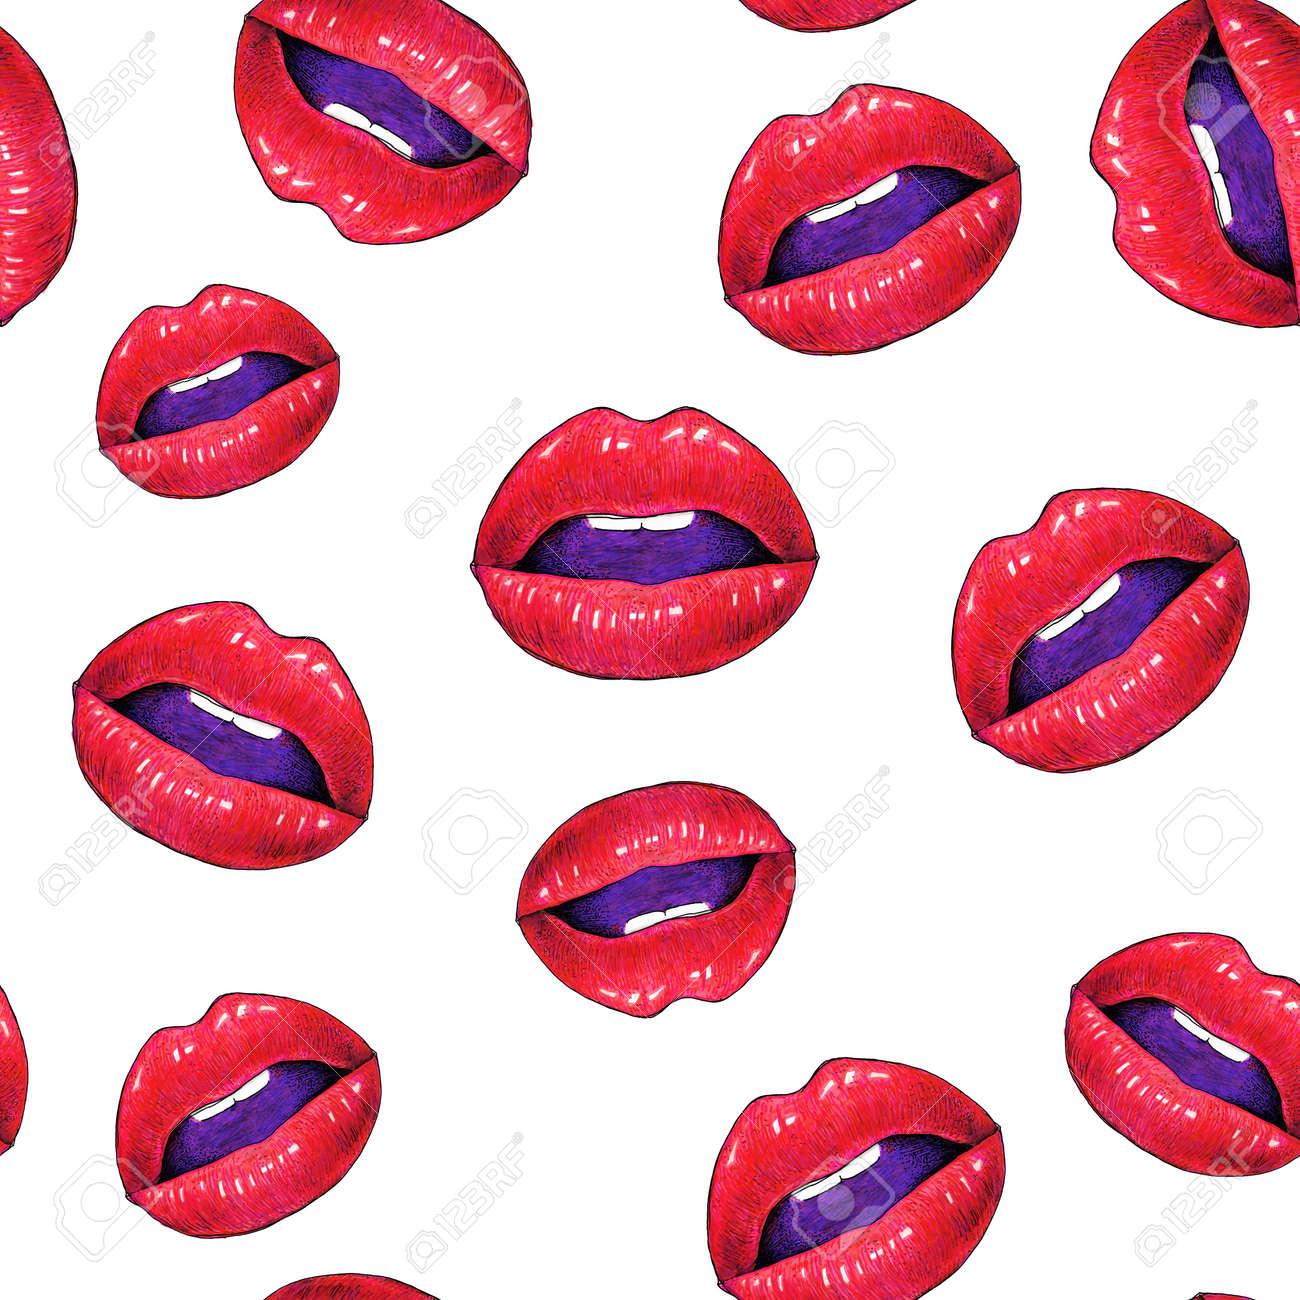 schne sexy lippen mit weien zhnen auf einem weien hintergrund weibliche rote lippen zeichnen - Schone Muster Zum Zeichnen